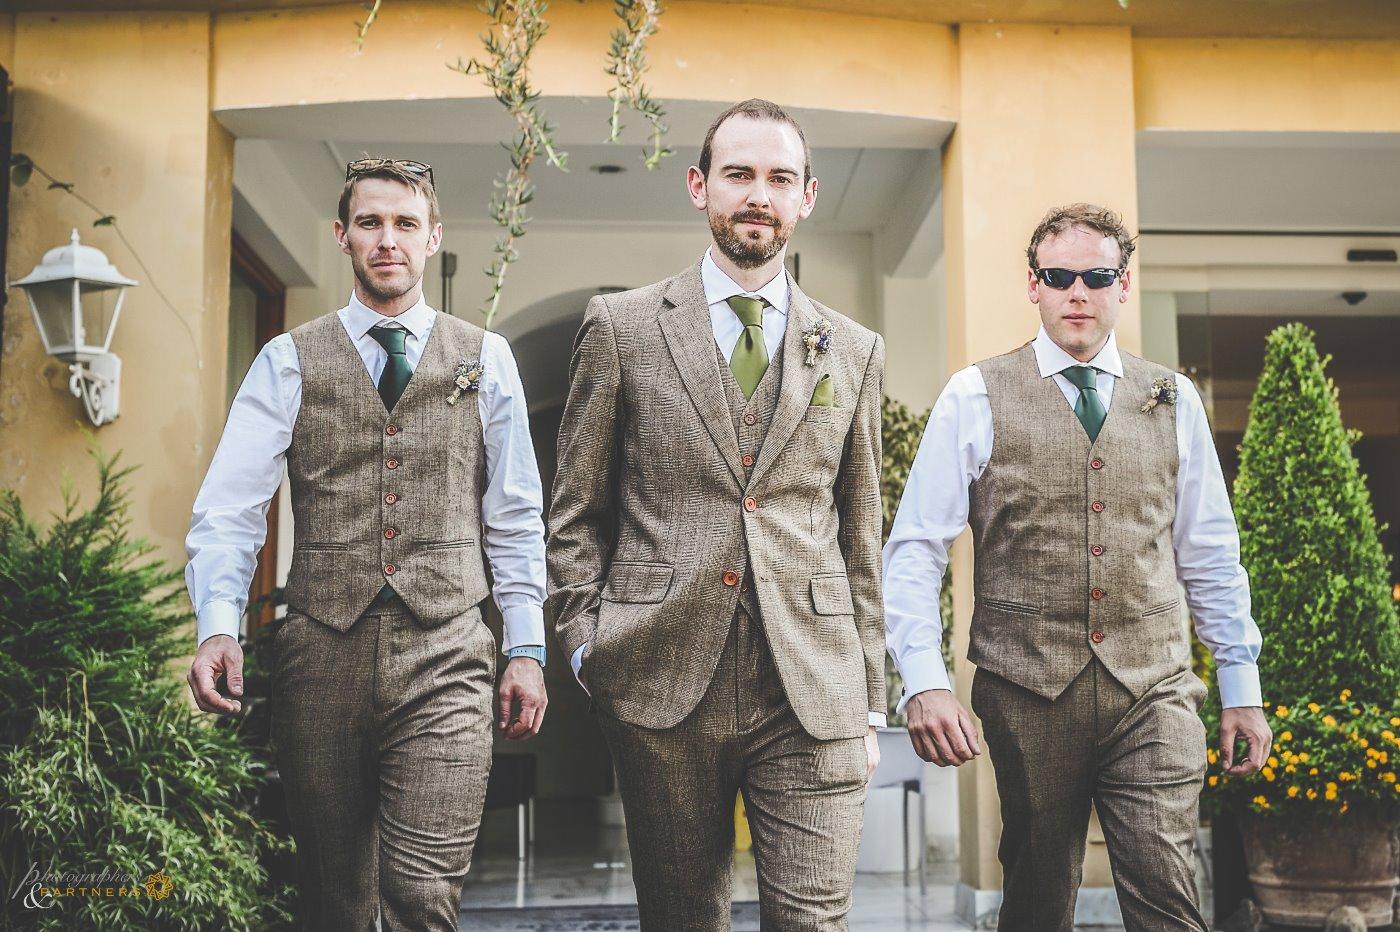 photography_weddings_sorrento_04.jpg